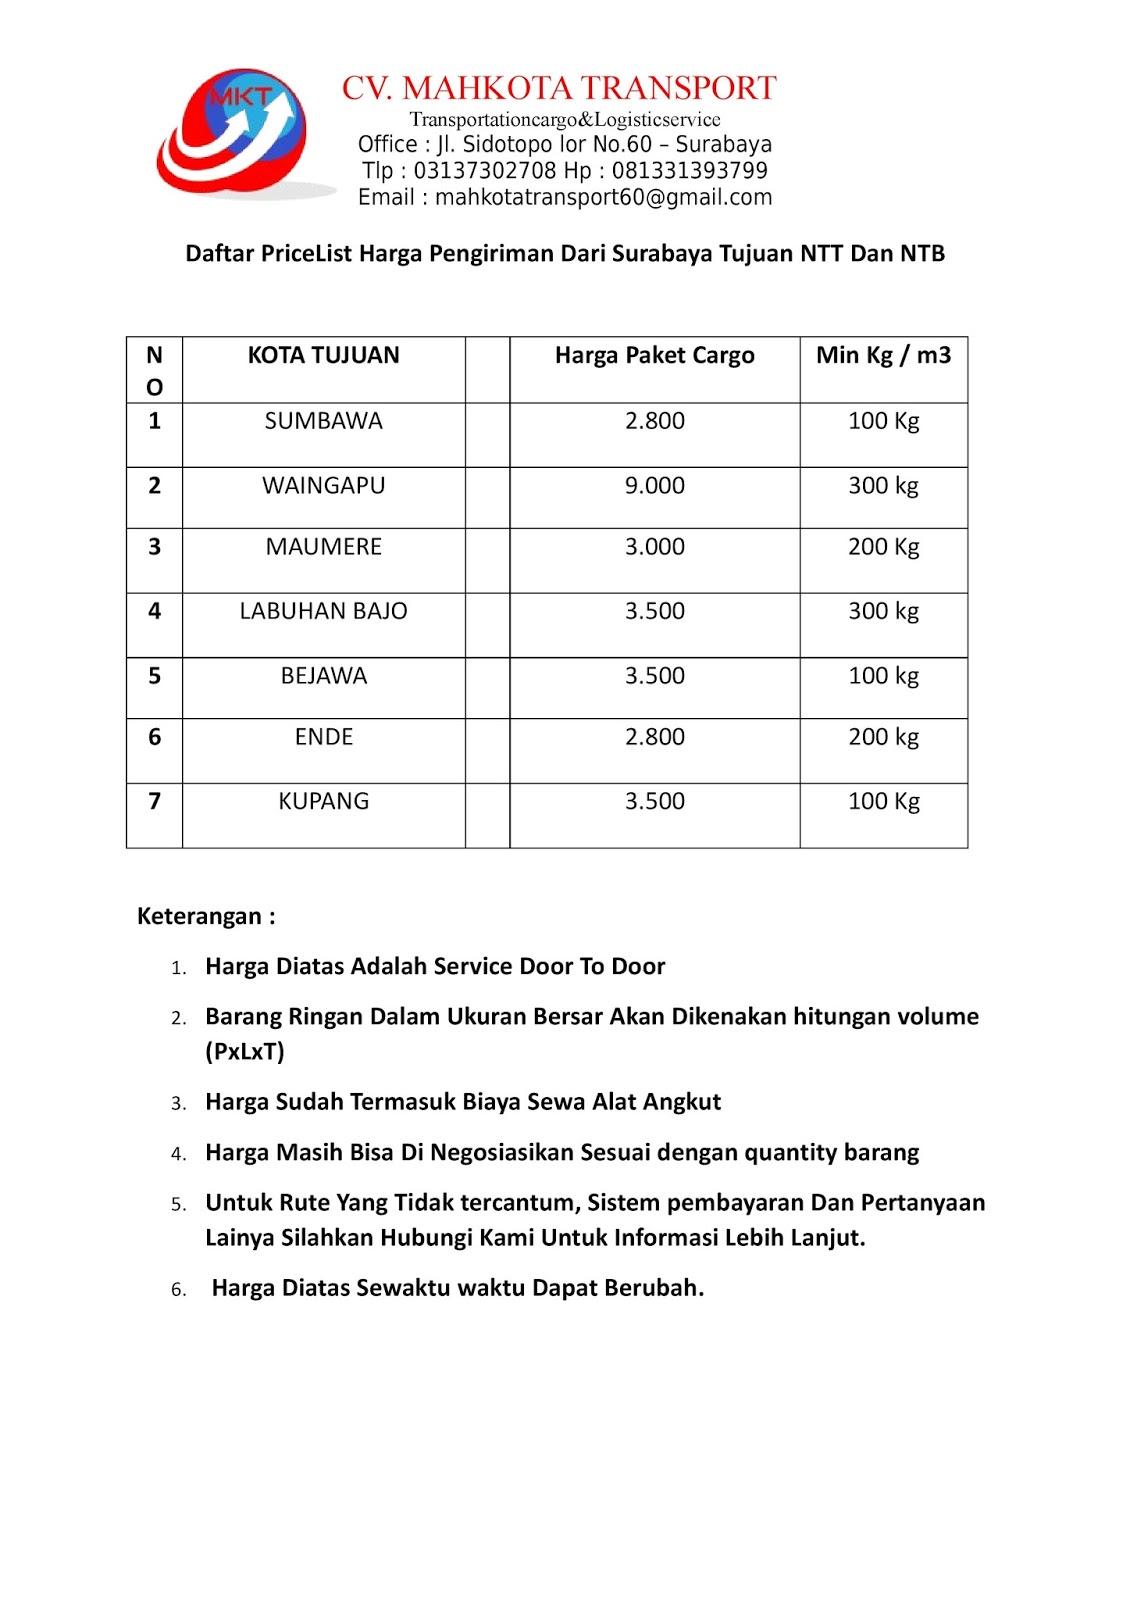 Daftar Tarif Cv Mahkota Transport Ekspedisi Surabaya Balikpapan Ongkos Kirim Price List Harga Pengiriman Paket Barang Dari Tujuan Ntt Dan Ntb